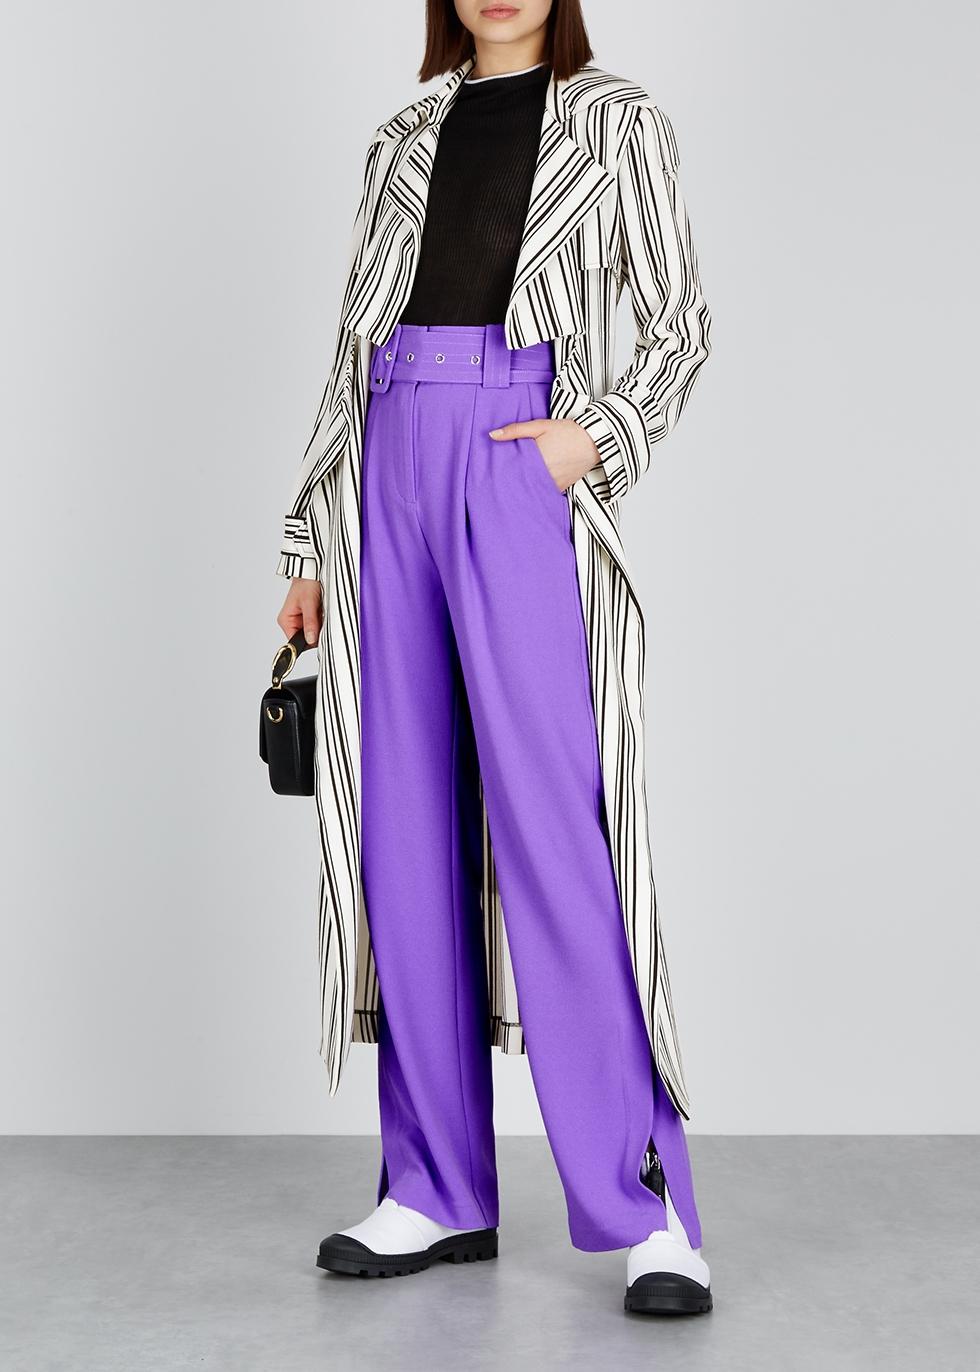 Marielle monochrome crepe trench coat - Hofmann